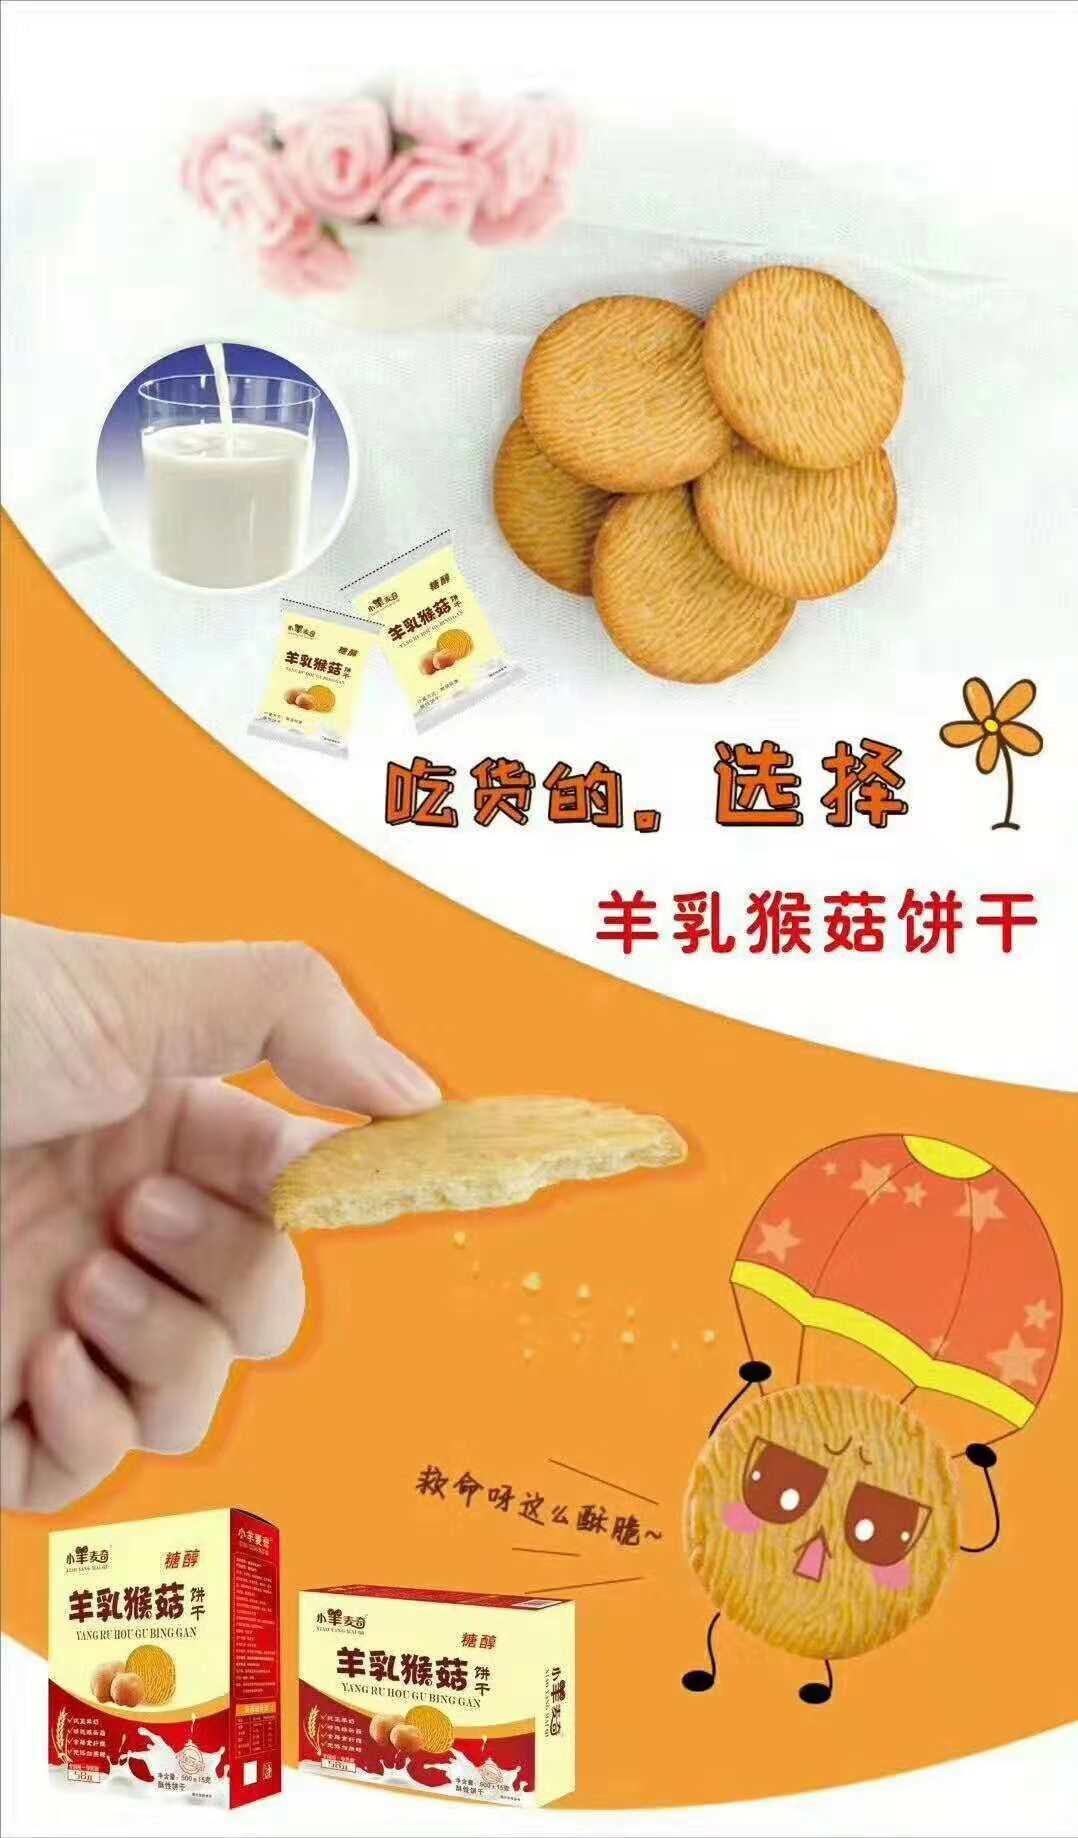 羊乳猴头菇饼干